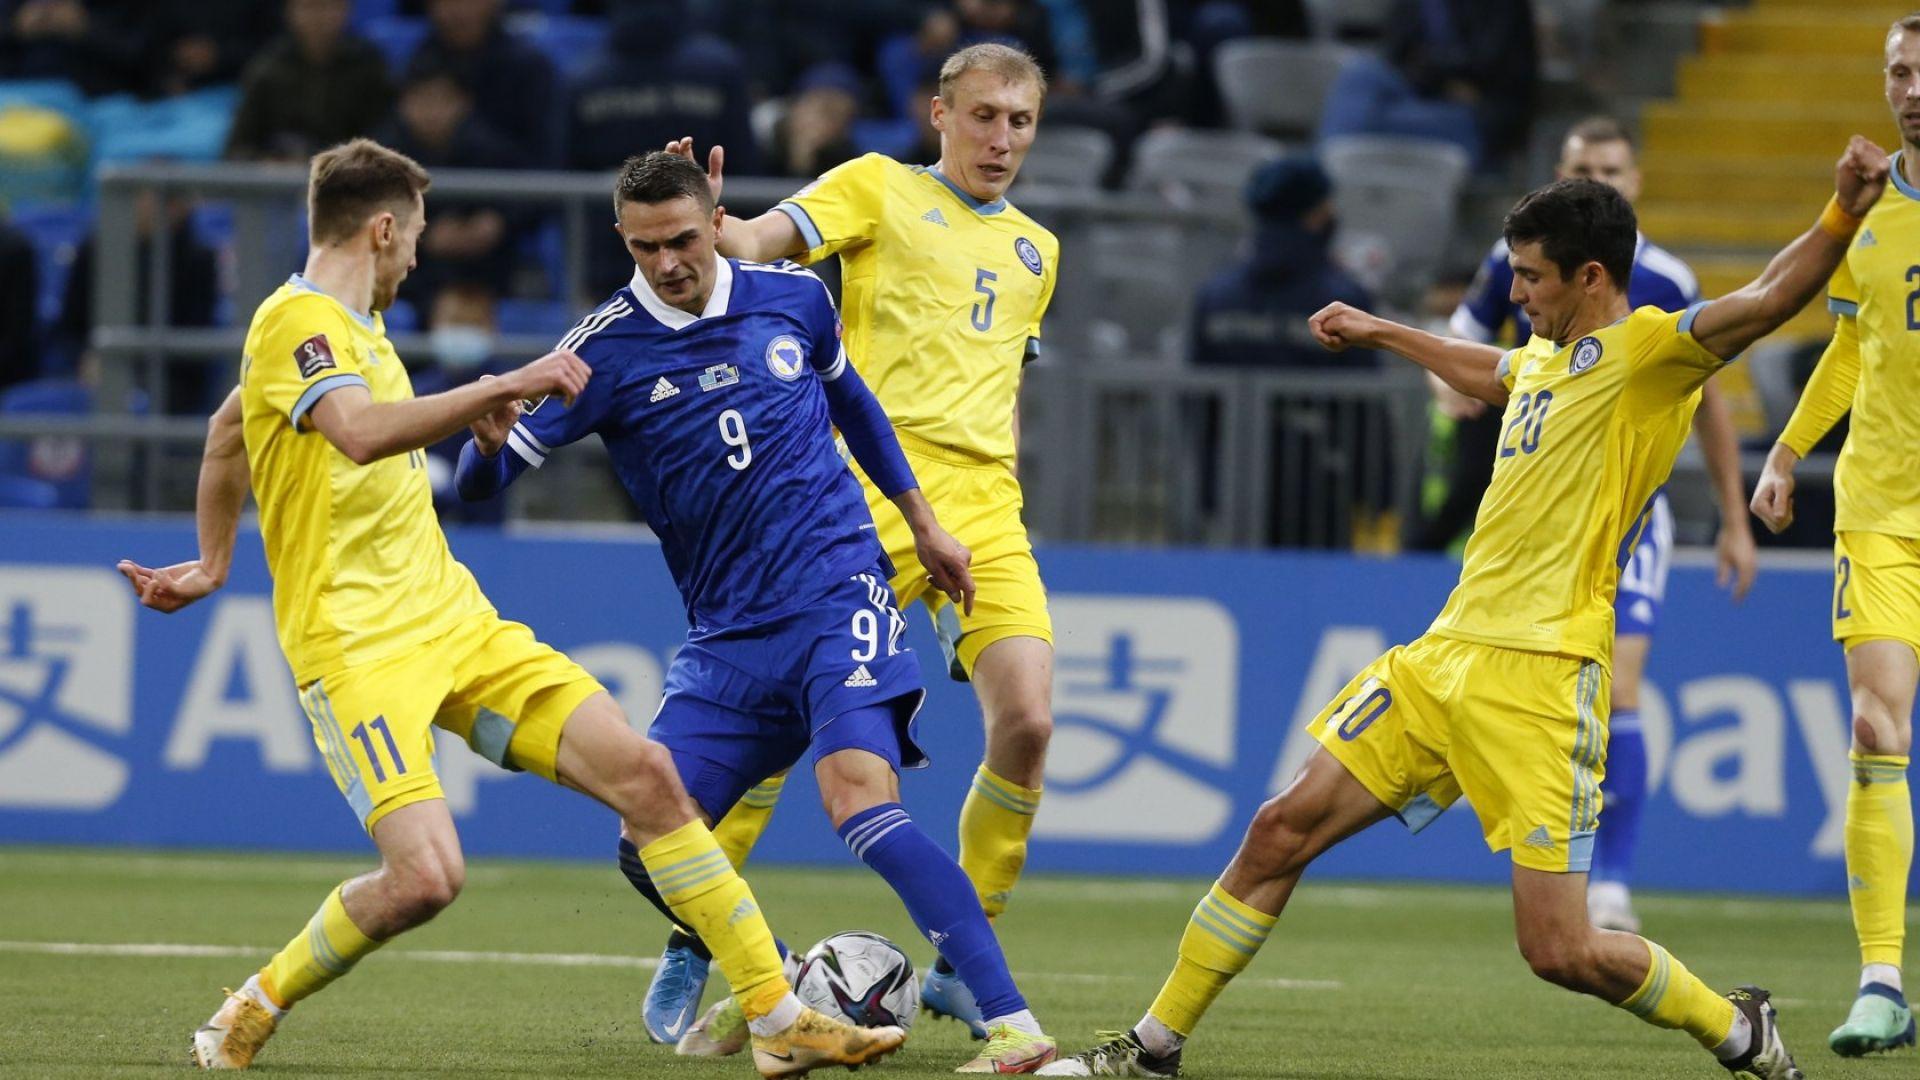 Ивайло Петев дочака първата си победа с Босна в официален мач